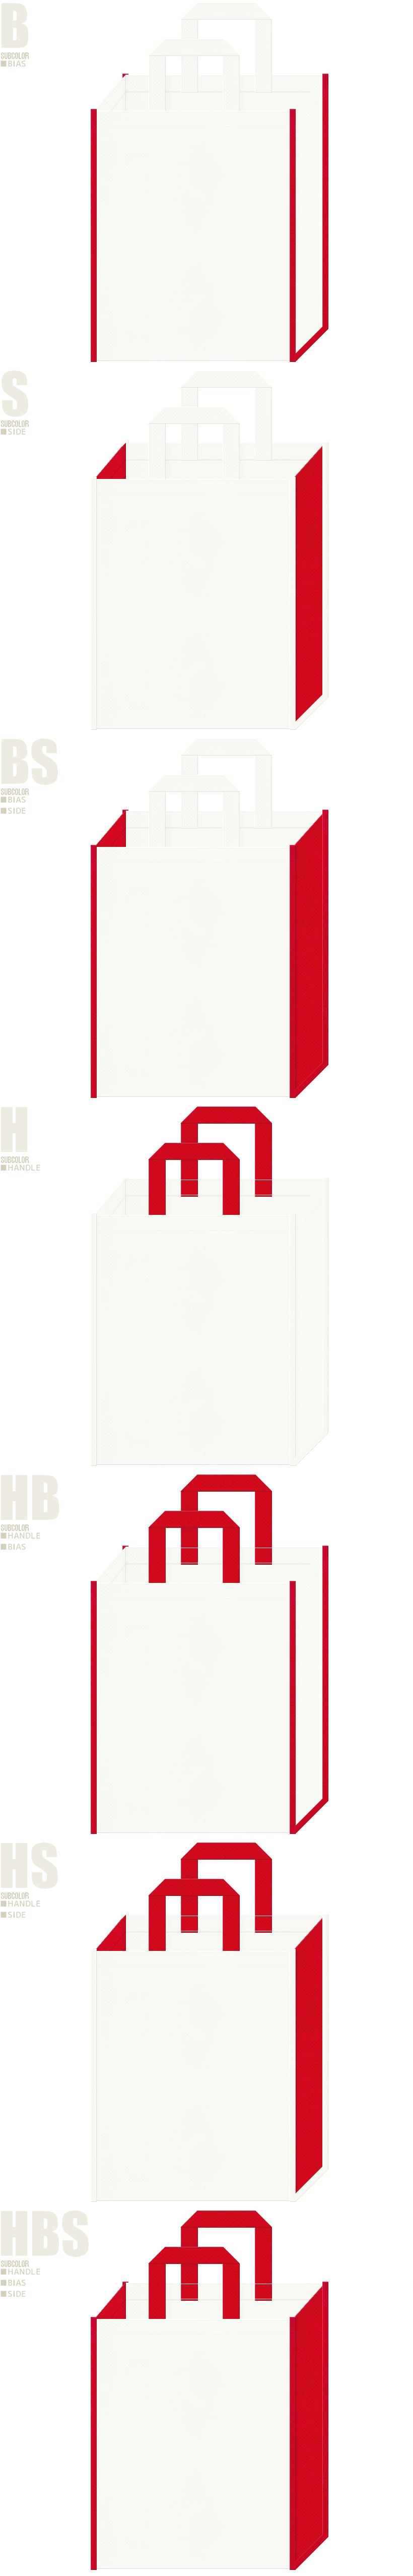 ショートケーキ風の配色で、クリスマス商品の展示会用バッグにお奨めです。オフホワイト色と紅色の不織布バッグ配色7パターンのデザイン。